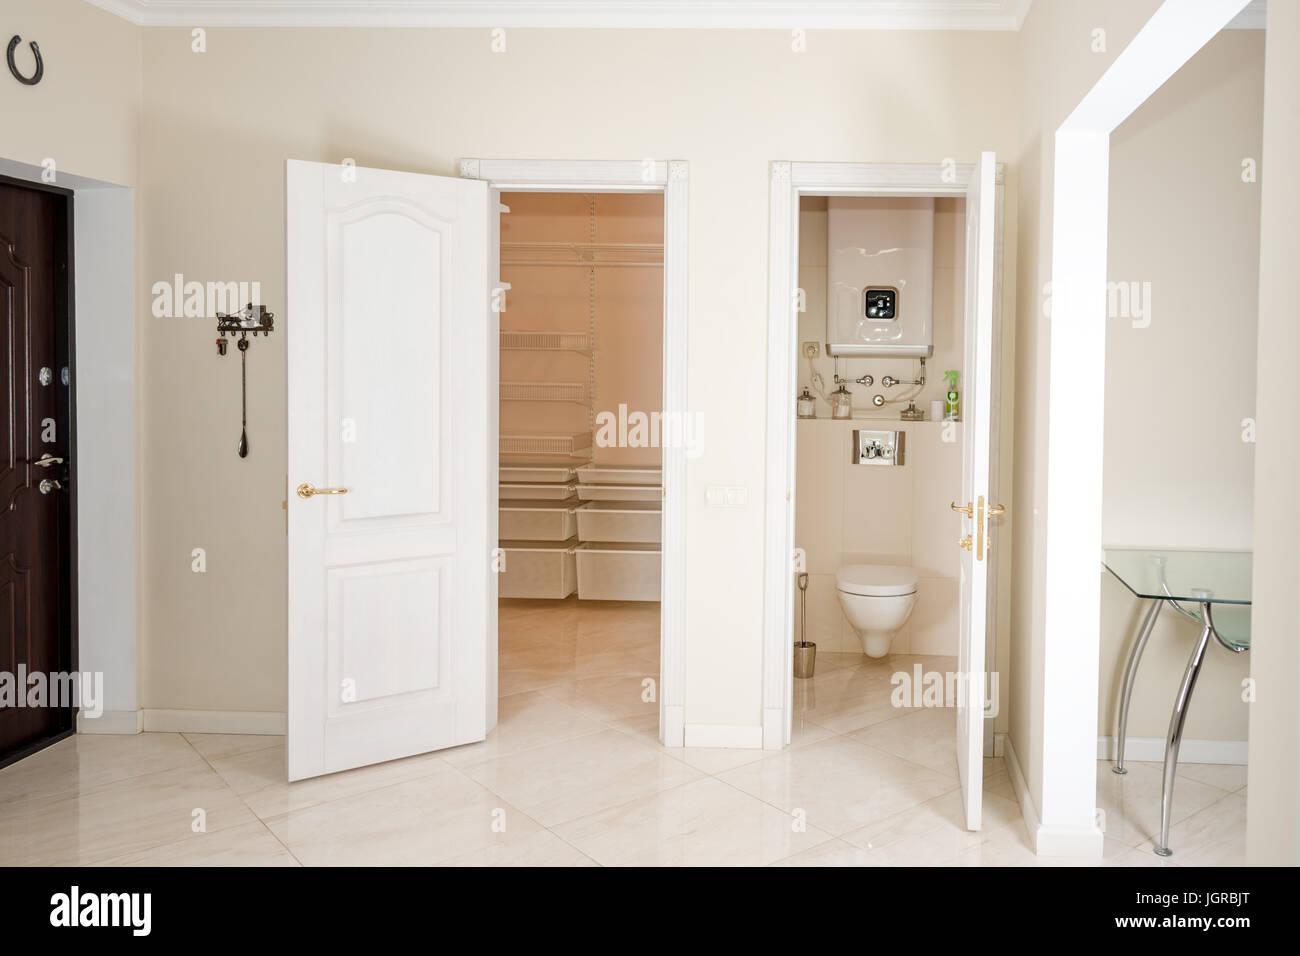 Cabina Armadio In Inglese.Interno Di Una Casa Entrata In Corridoio Bianco Con Porte Di